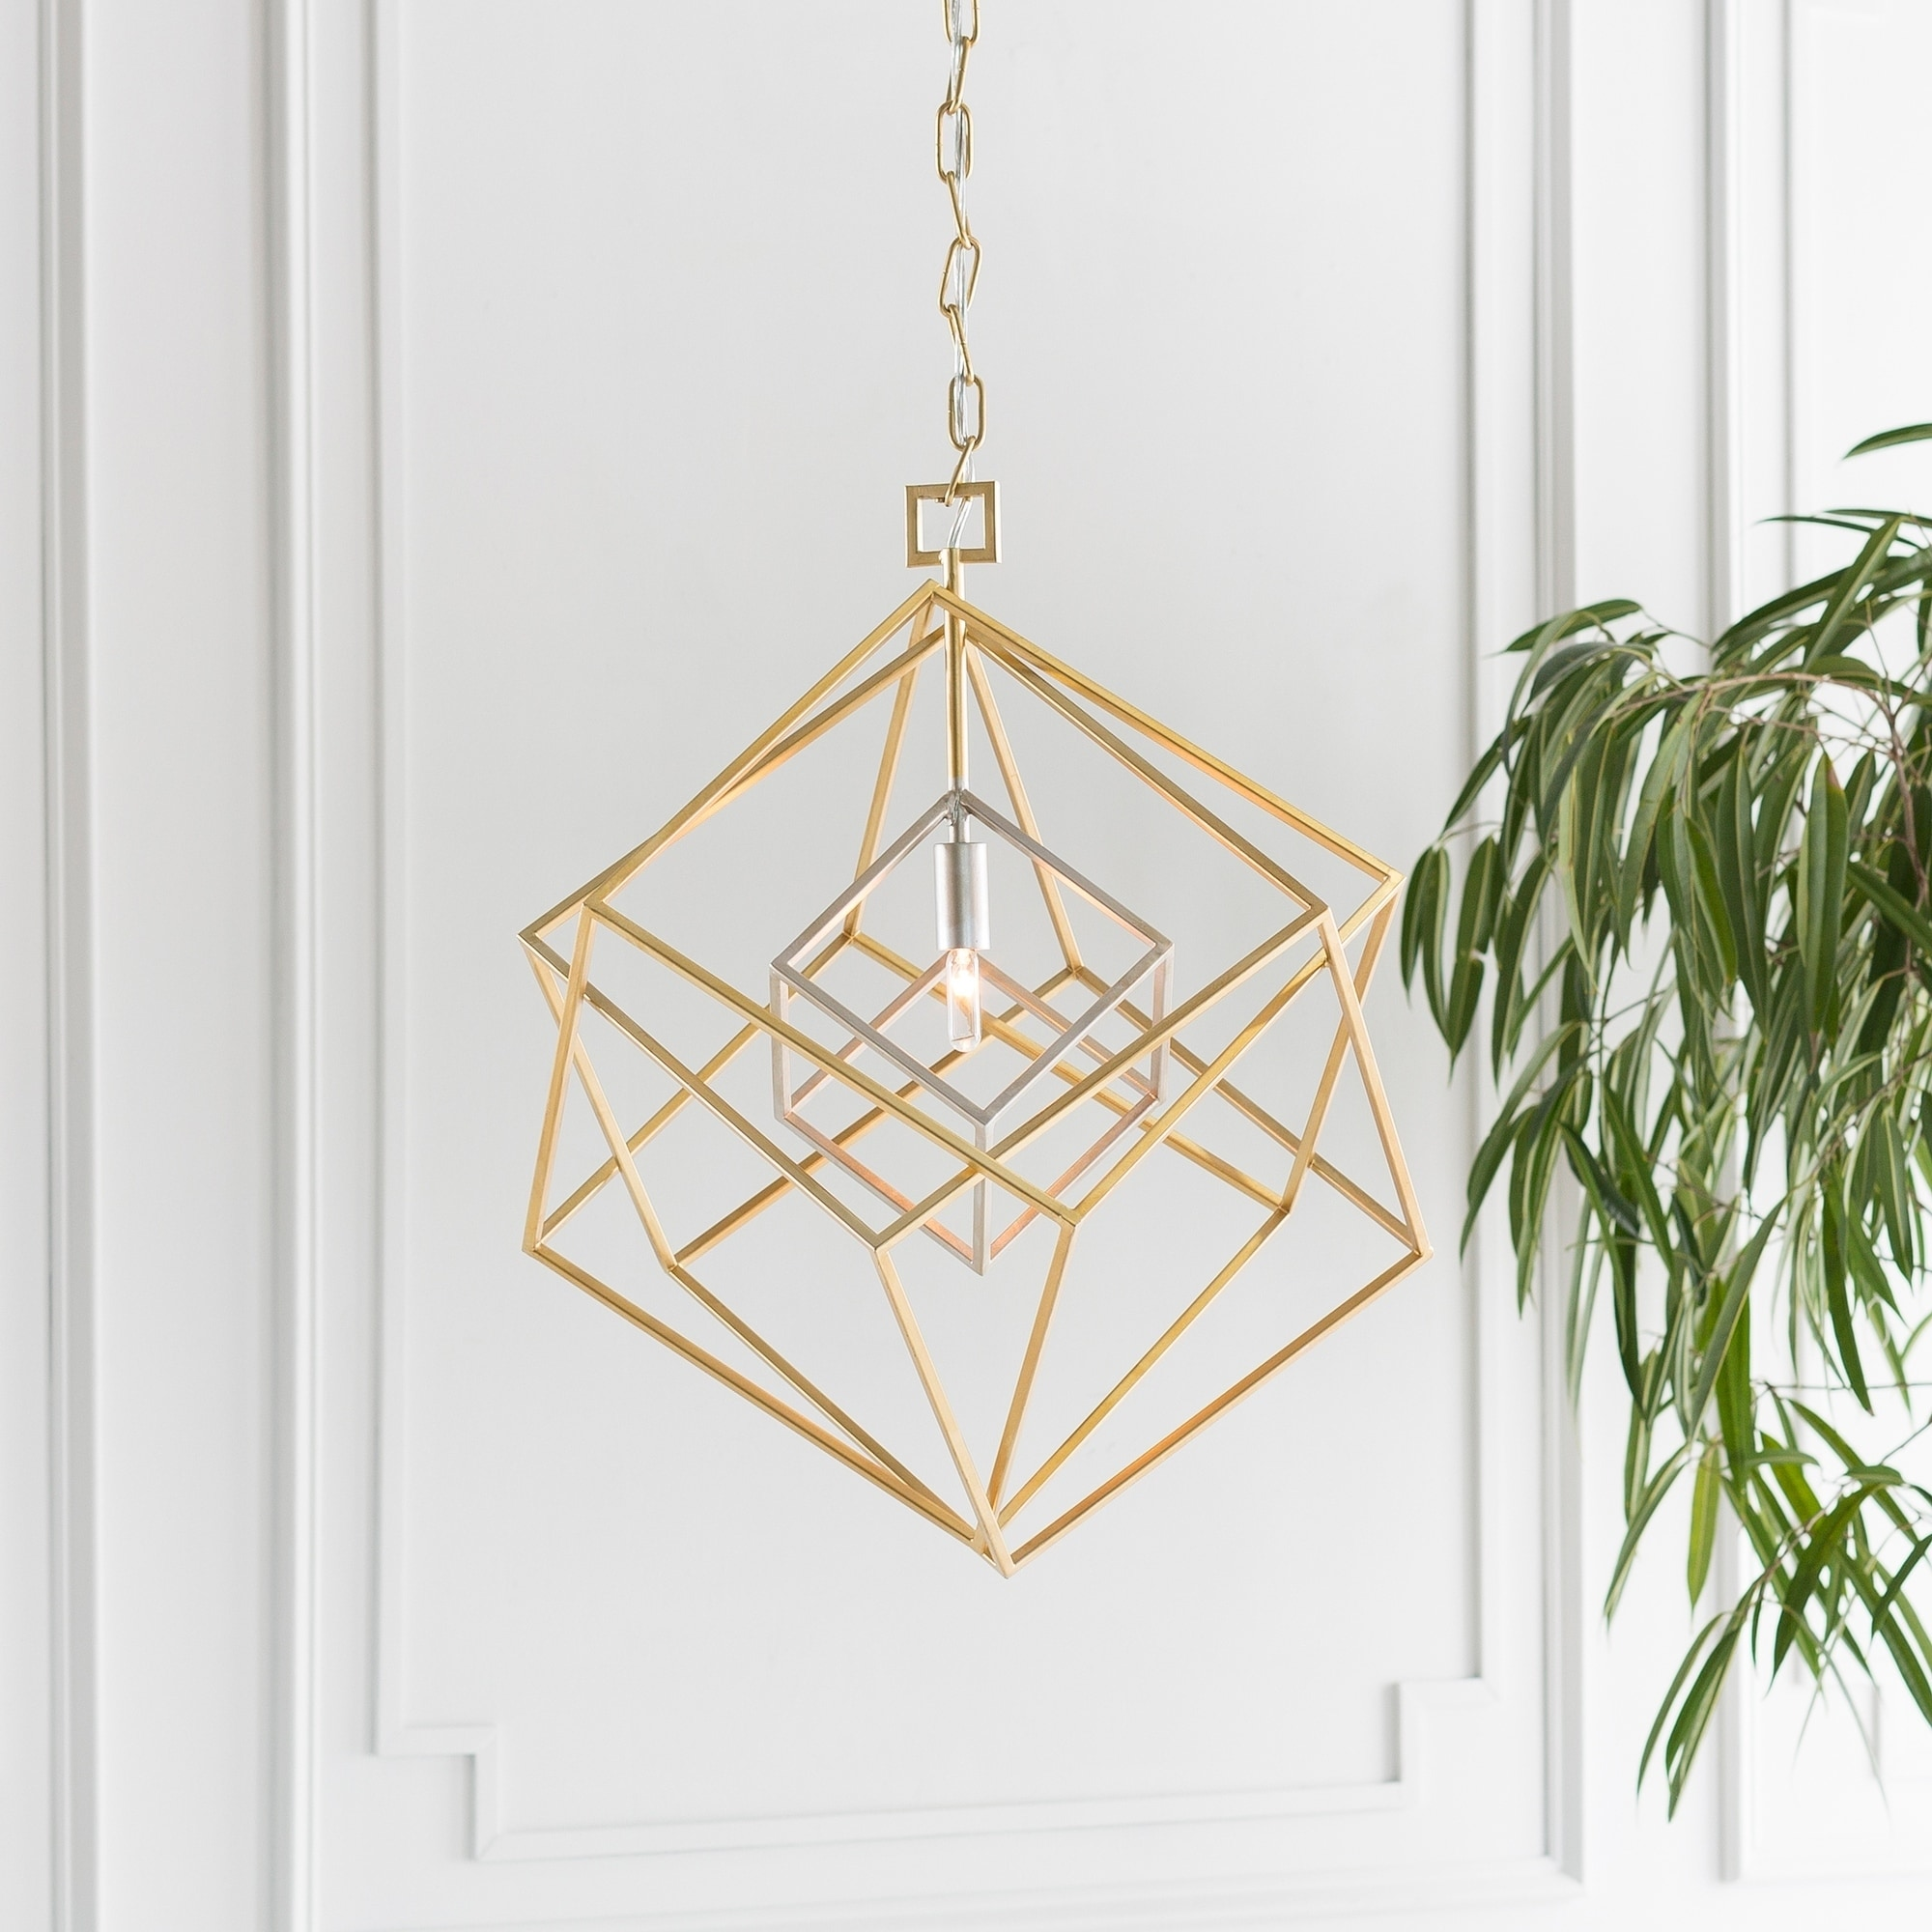 Shop Mccallum Modern Gold Pendant Lighting Fixture Overstock 20873220